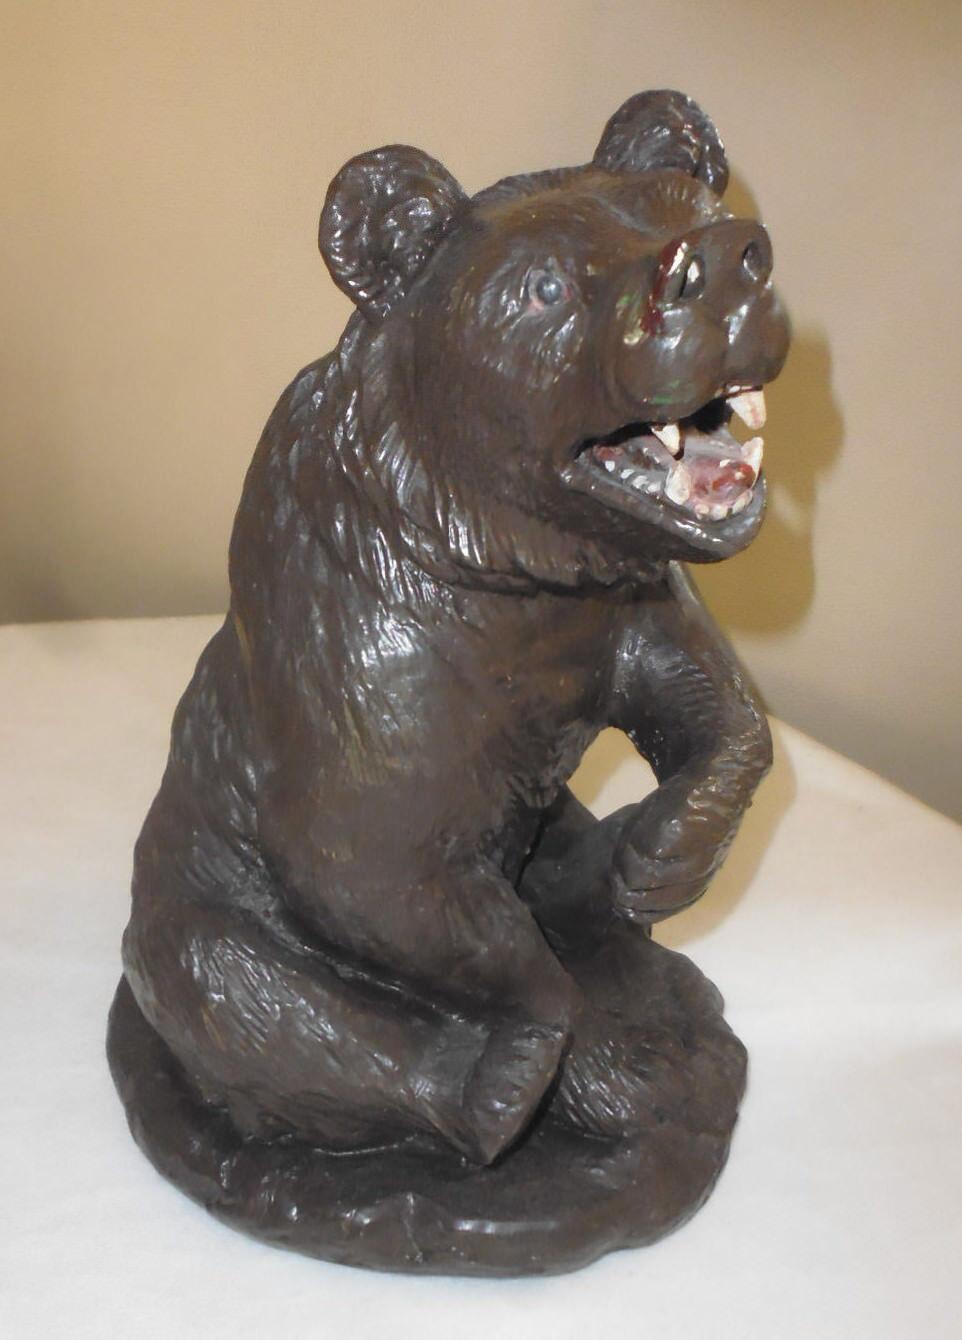 Grand Ours sculpture statue platre ancien animal haut  34 cm